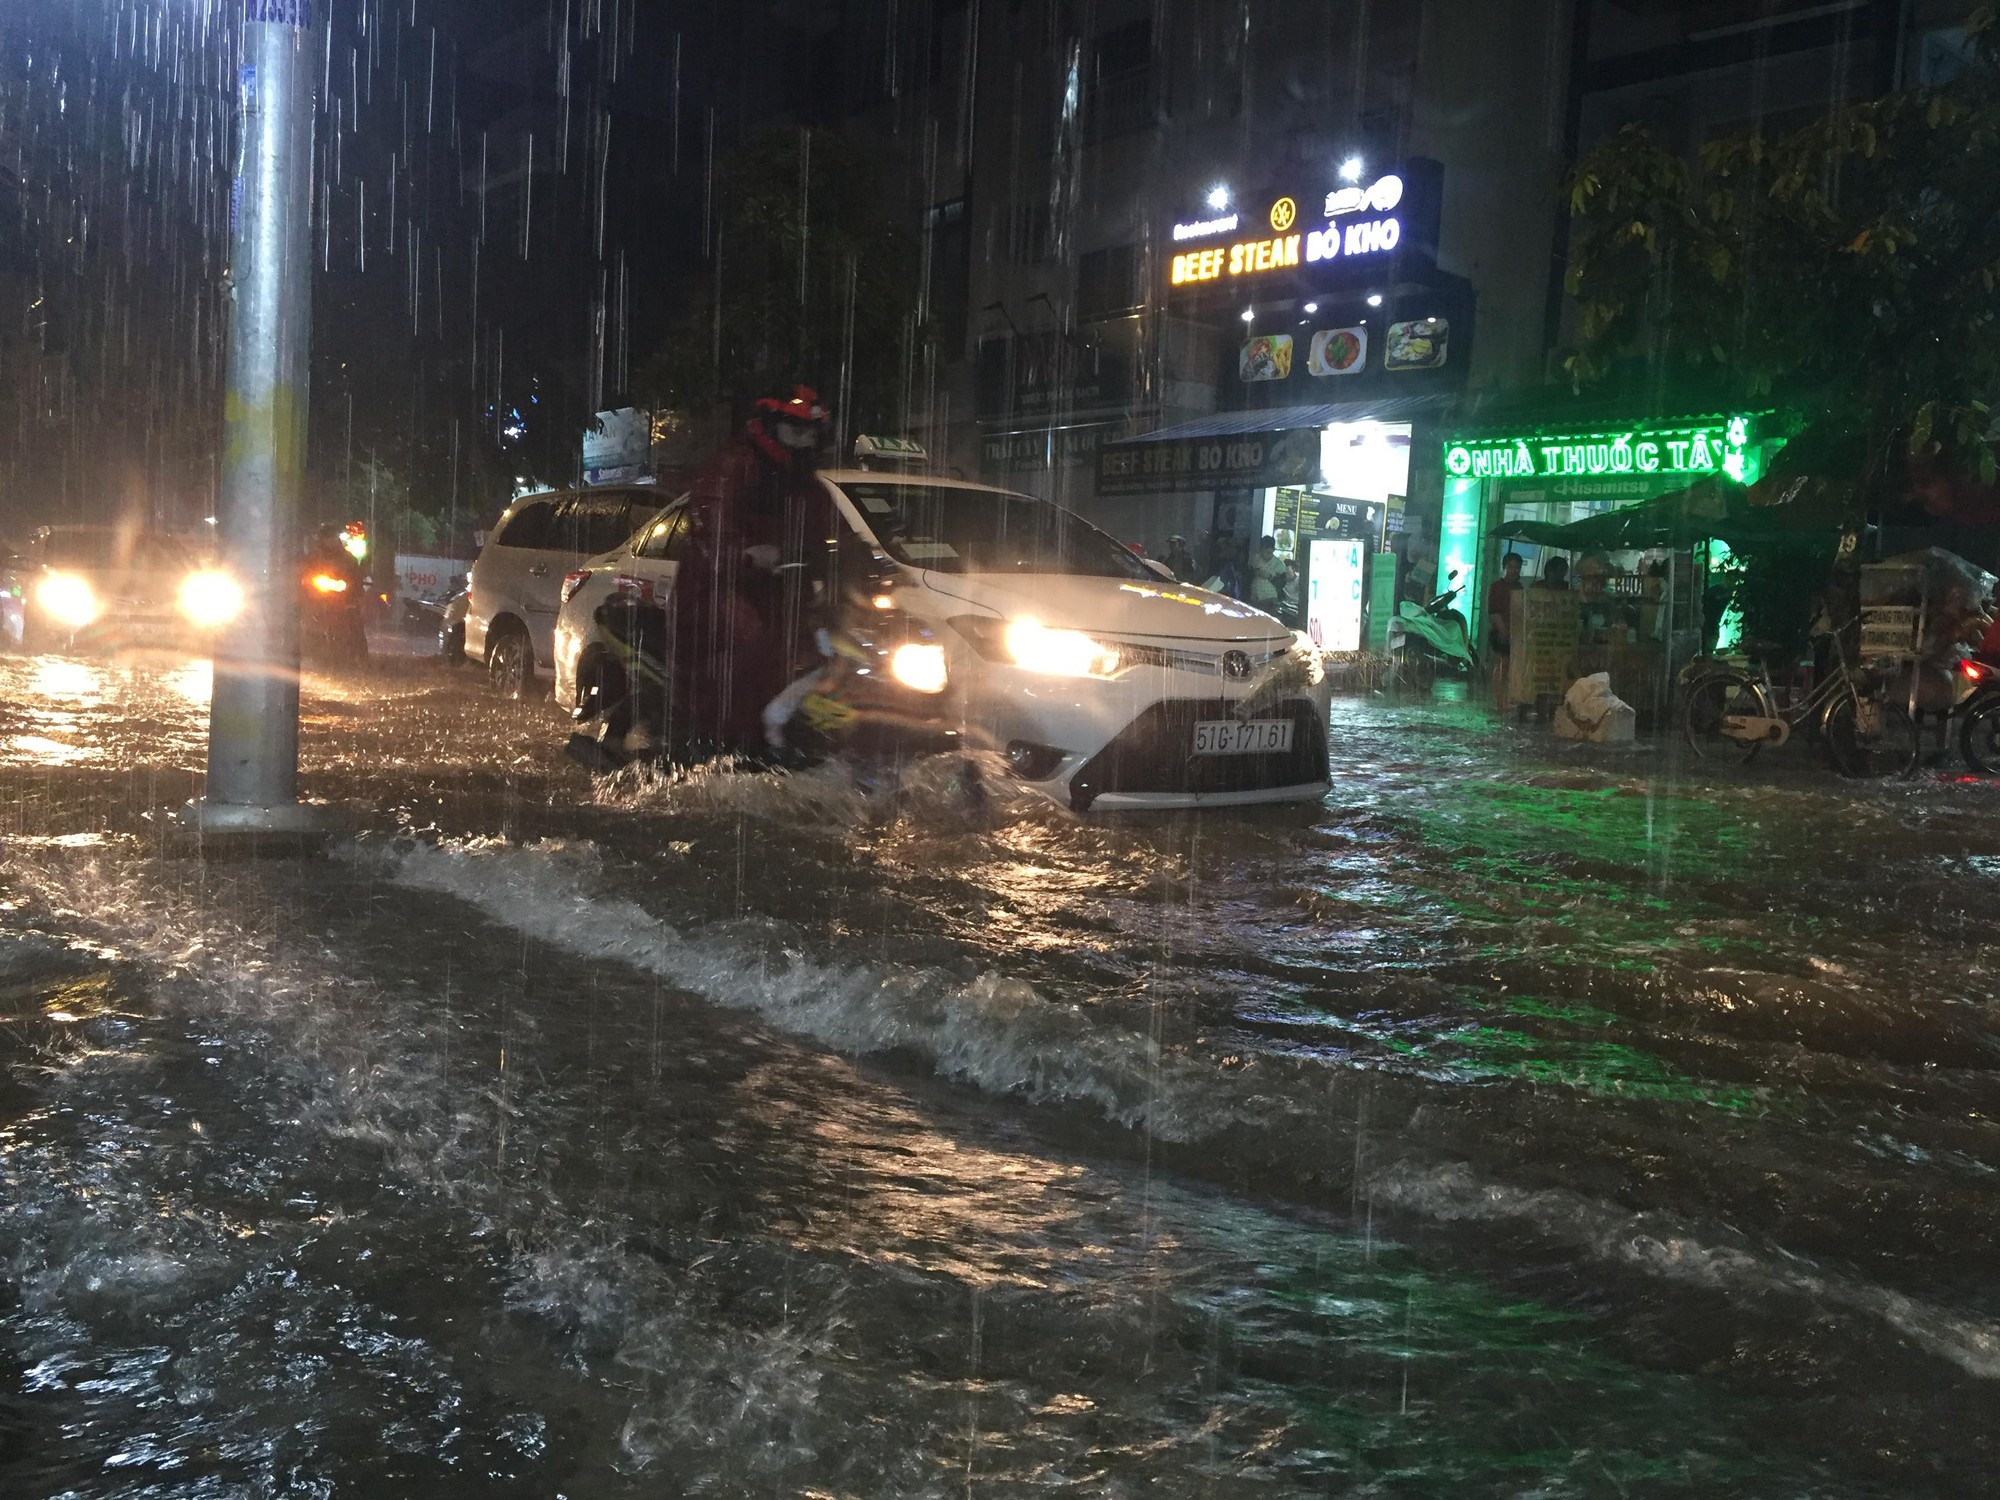 TP HCM sẽ ngập lụt nghiêm trọng vào năm 2050, thiệt hại hàng nghìn tỉ USD - Ảnh 1.